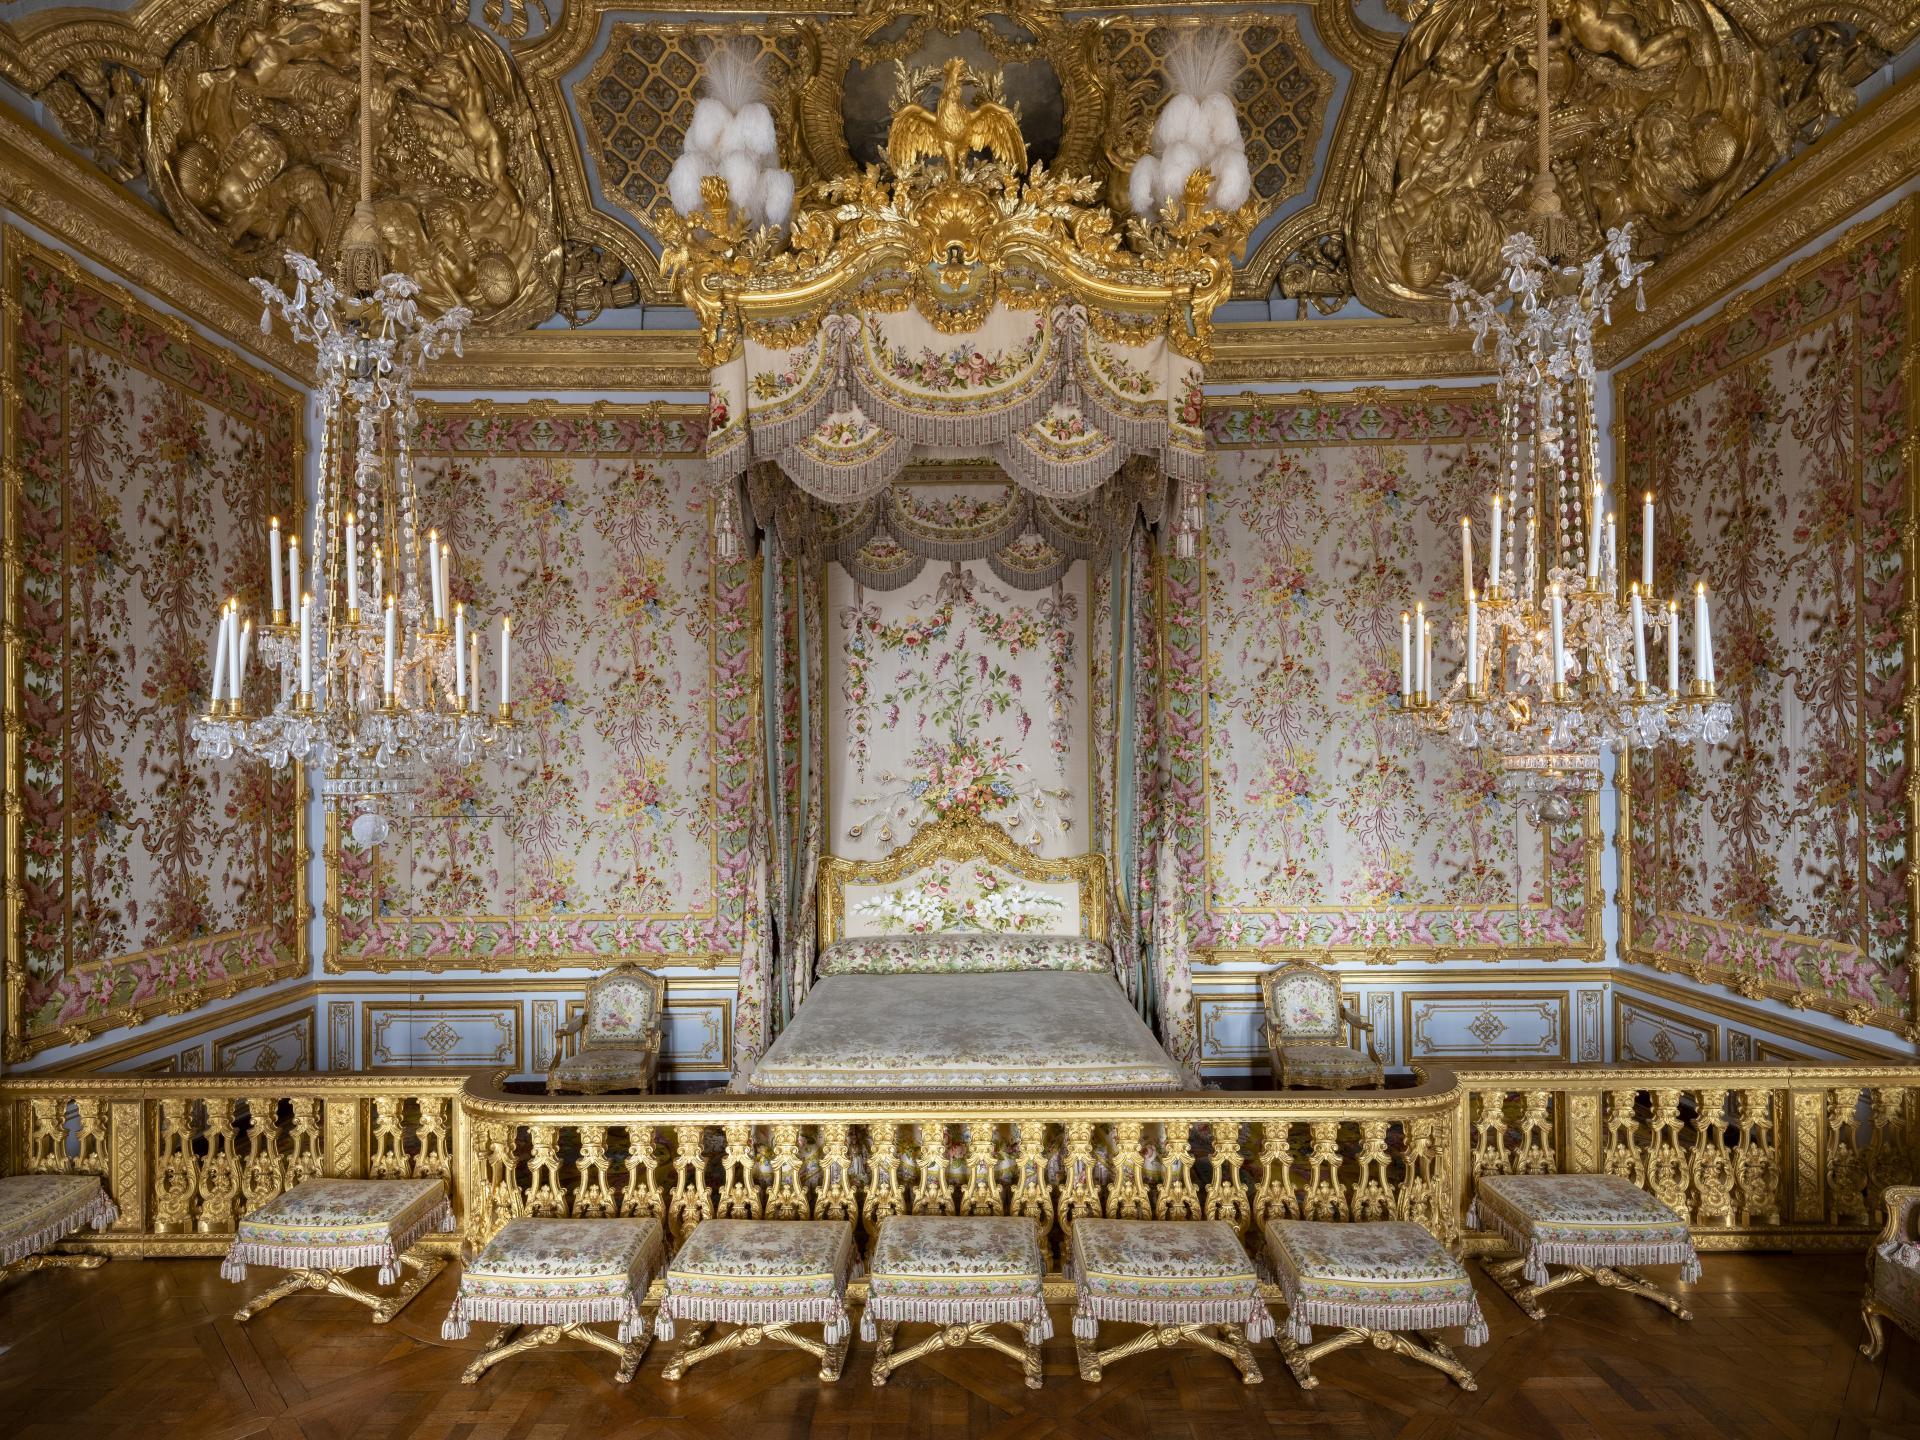 ヴェルサイユ 王妃の寝室